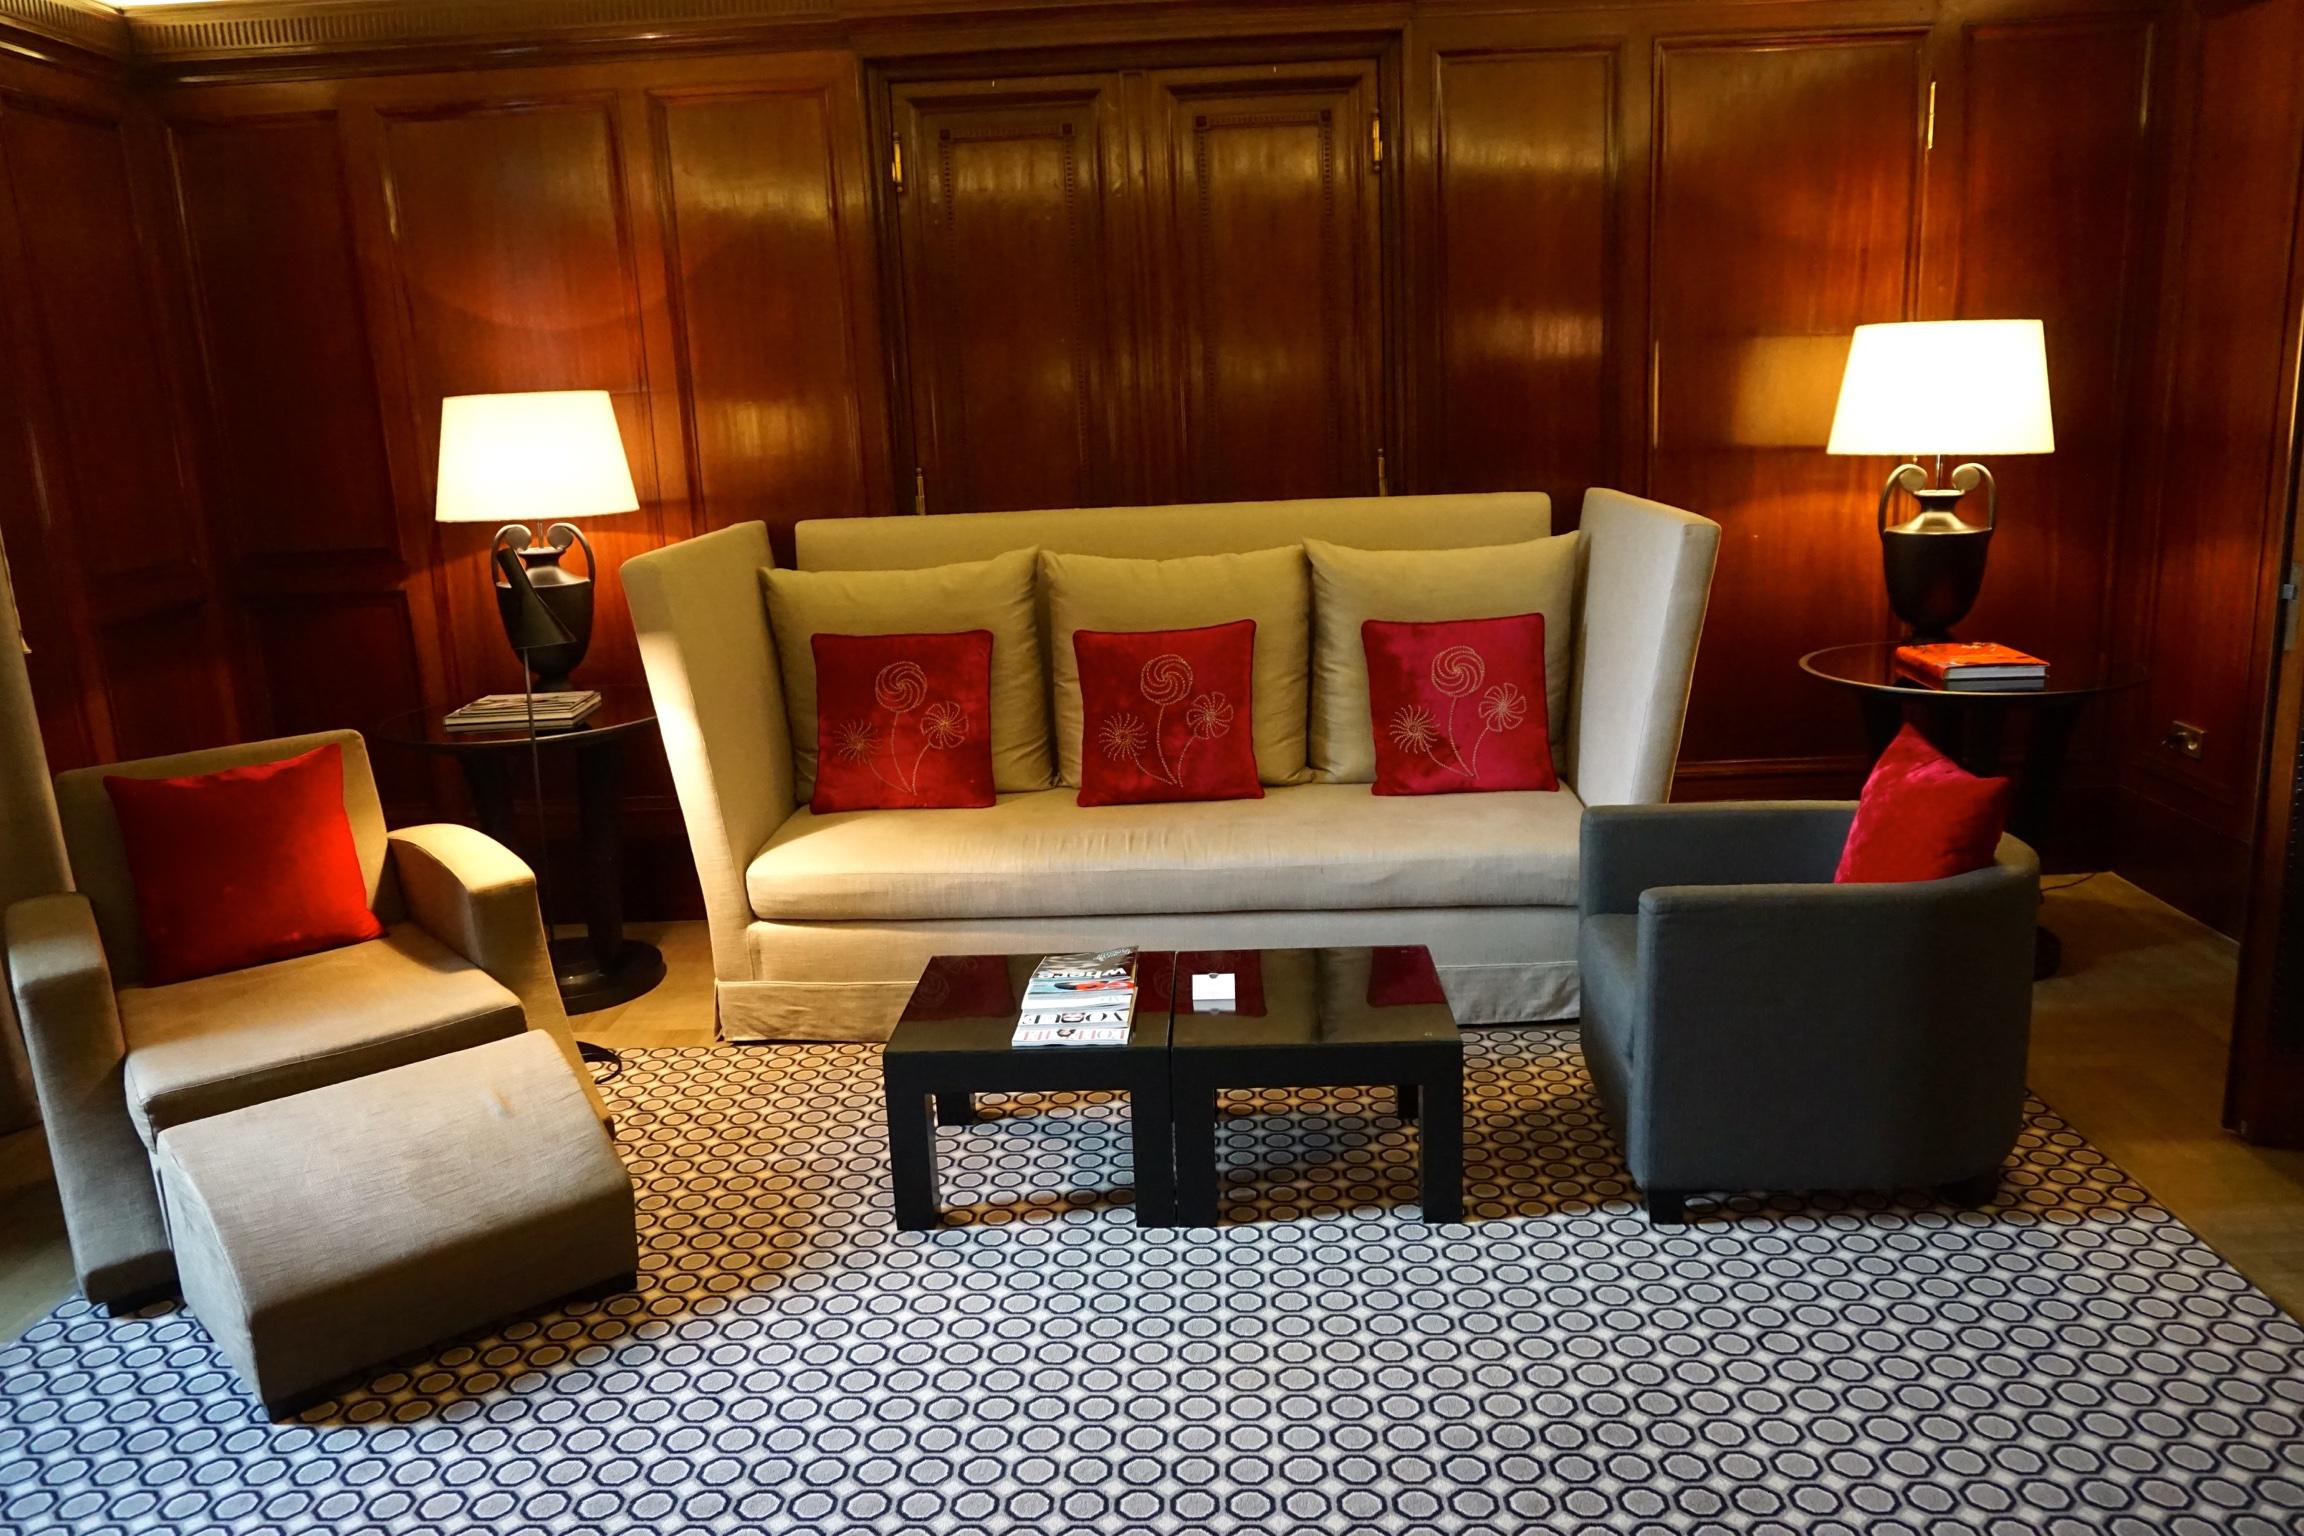 Eine der Direktoren Suites mit der original Wandvertäfelung. Die Suiten befinden sich im ersten Stock und haben einen Deckenhöhe von bis zu fünf Metern.